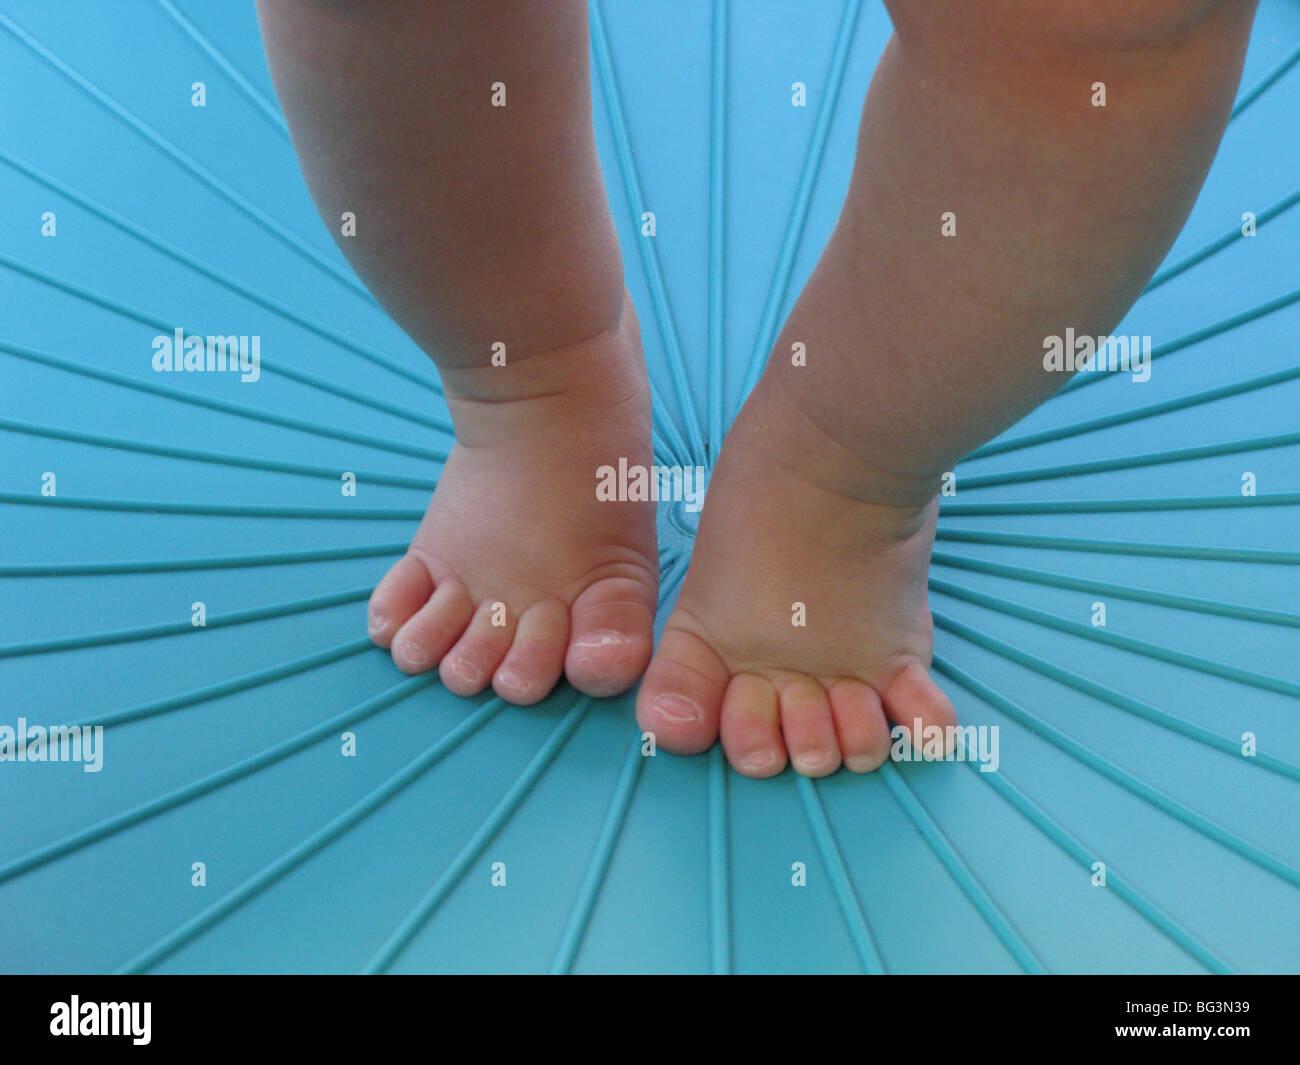 Les jambes et les pieds d'un enfant l'apprentissage de la marche dans un environnement bleu Photo Stock